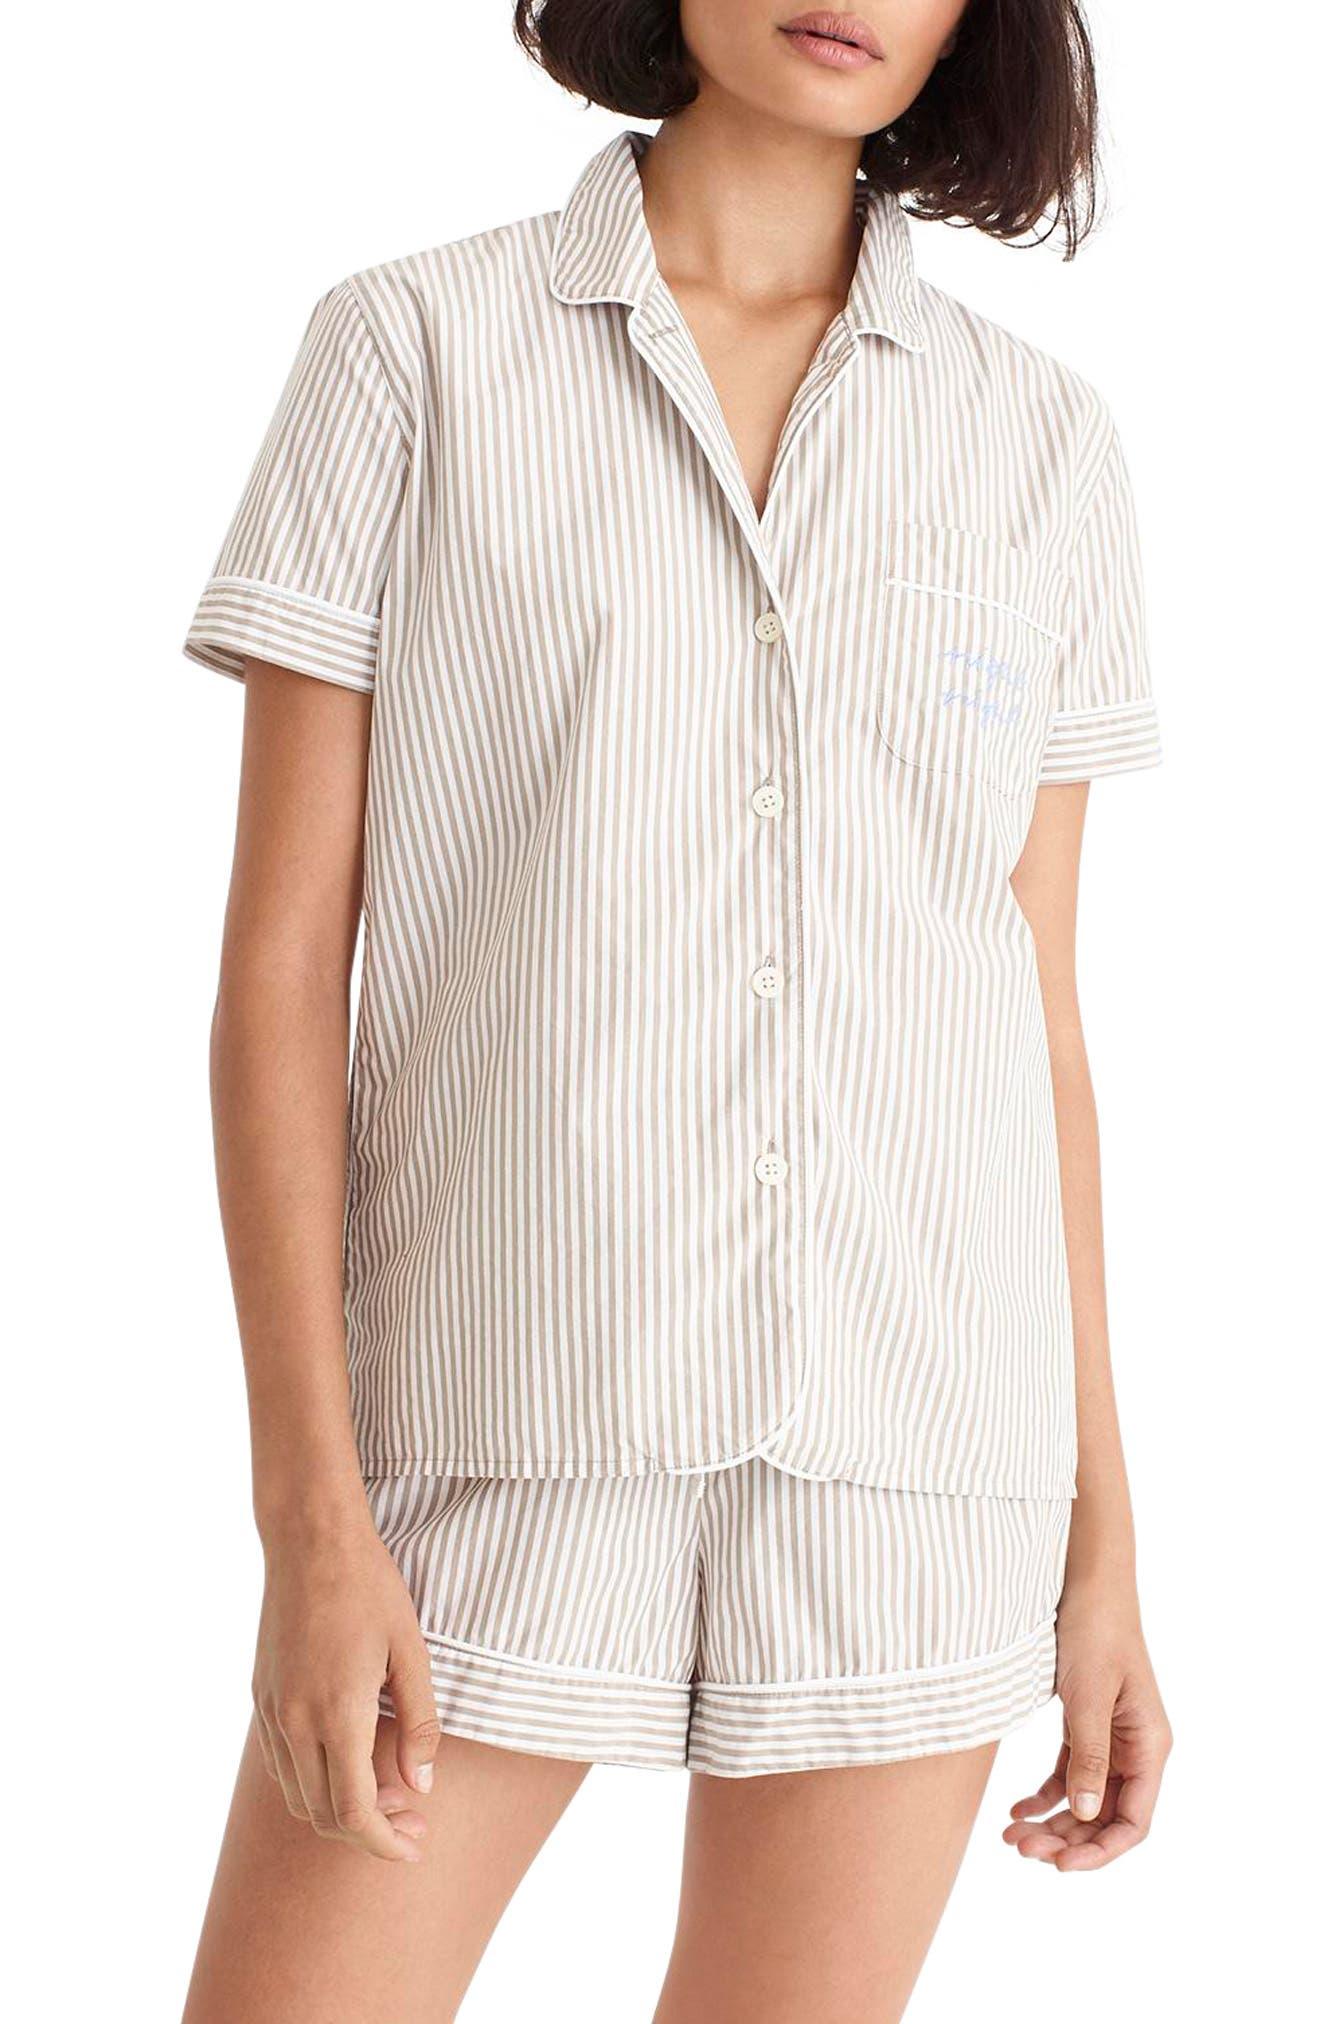 Night Night Short Pajamas,                         Main,                         color, TAN WHITE STRIPE